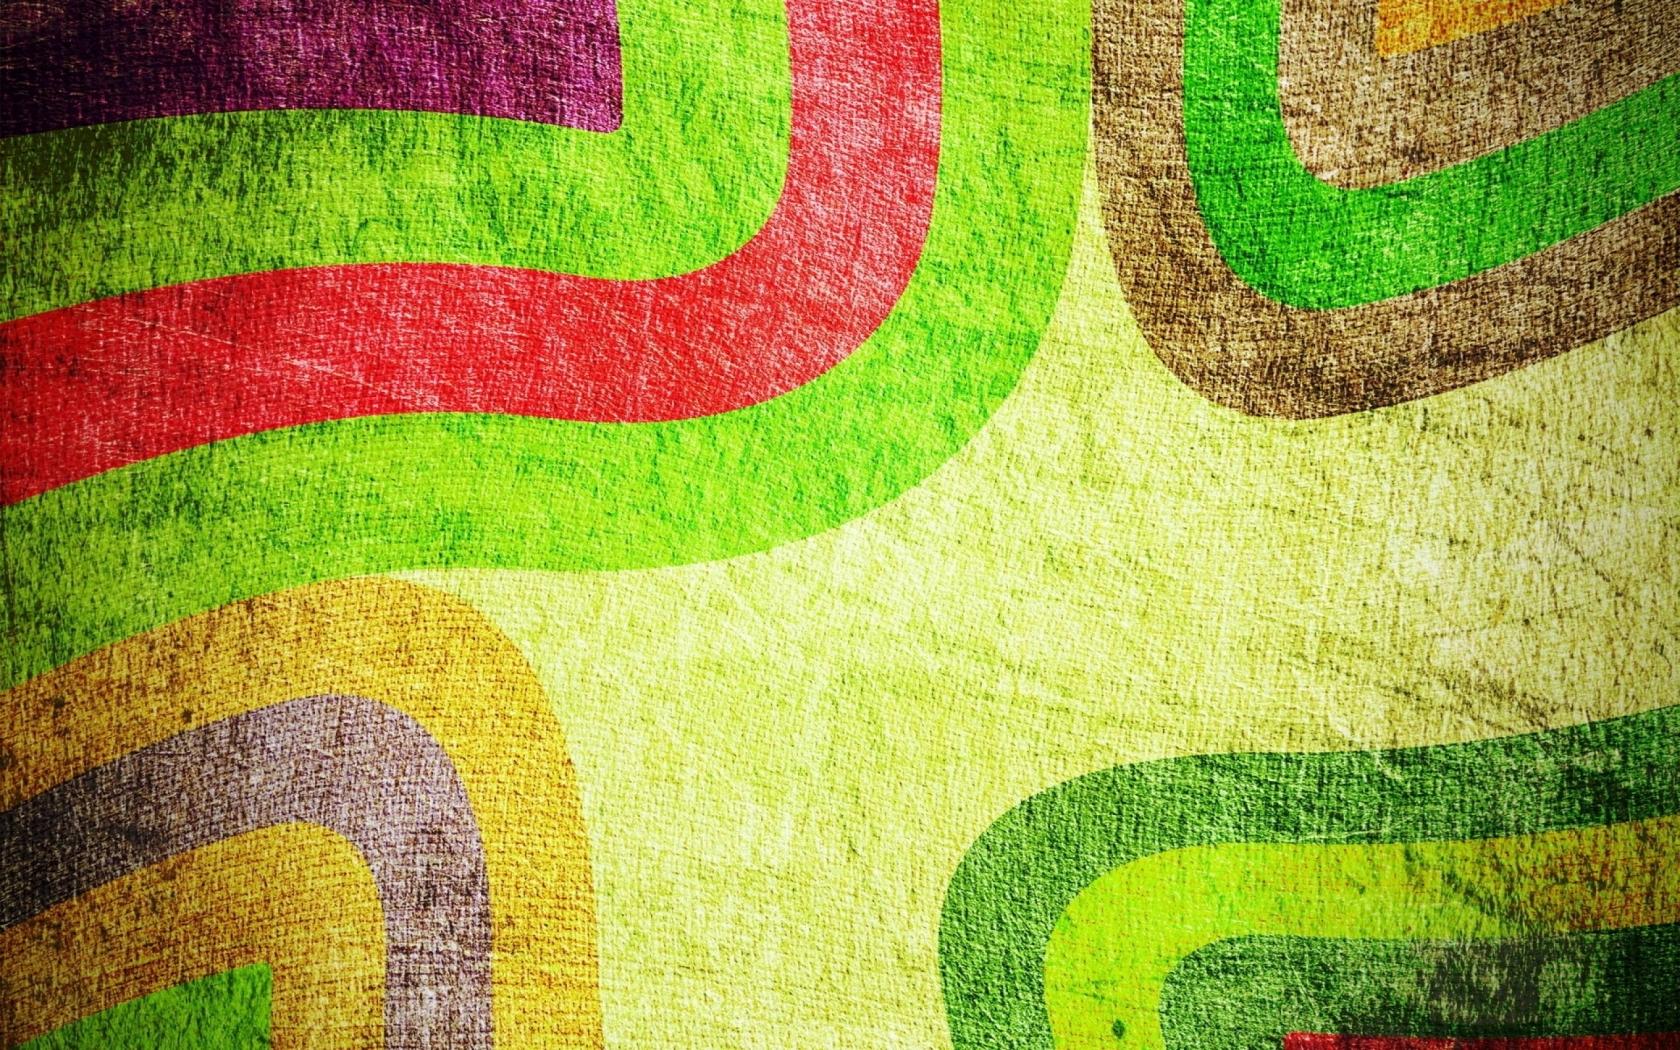 Textura de telas con adornos - 1680x1050